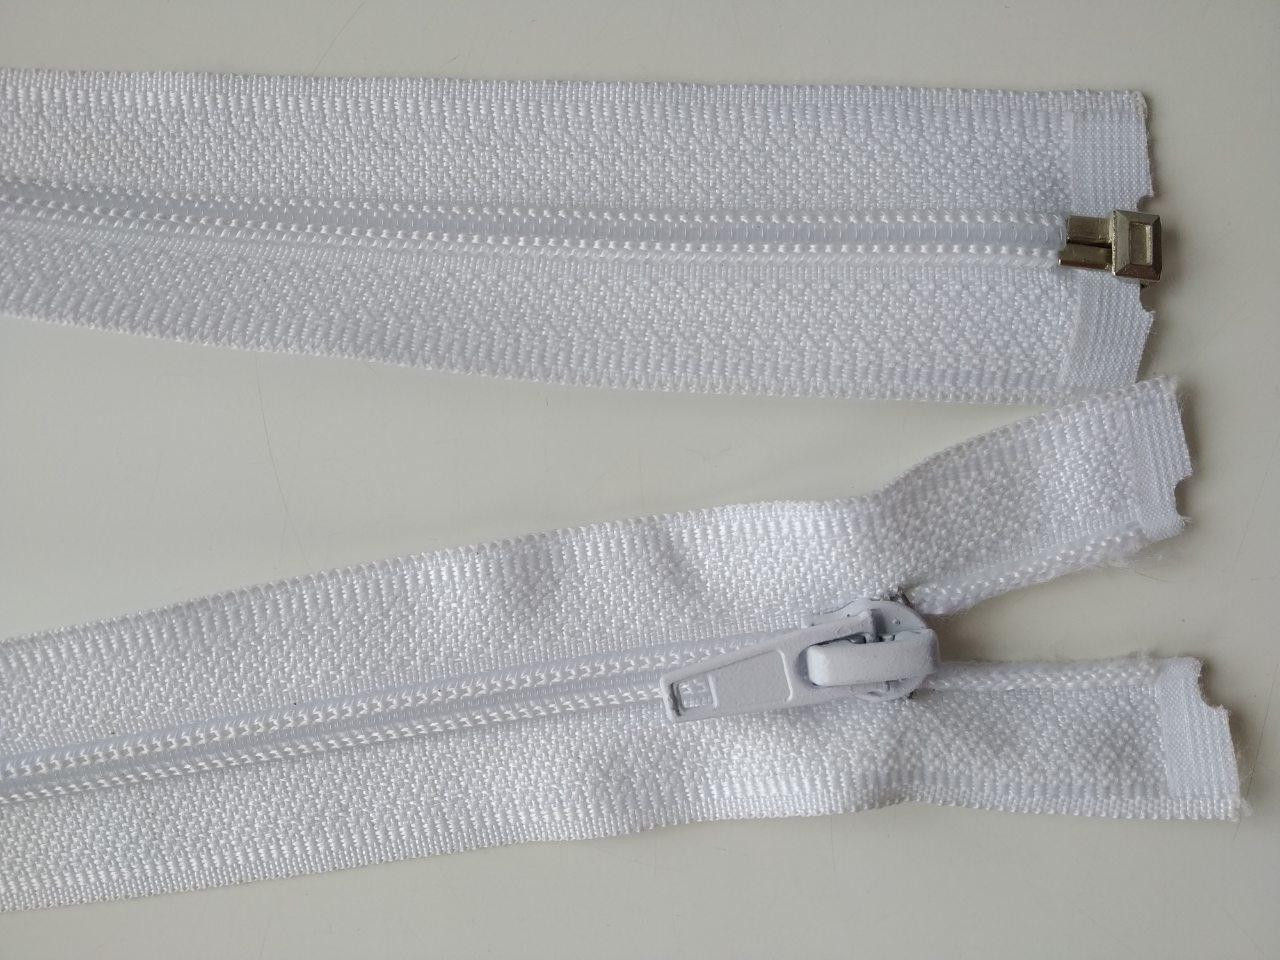 Застібка спіраль з одним бігунком 50см колір білий